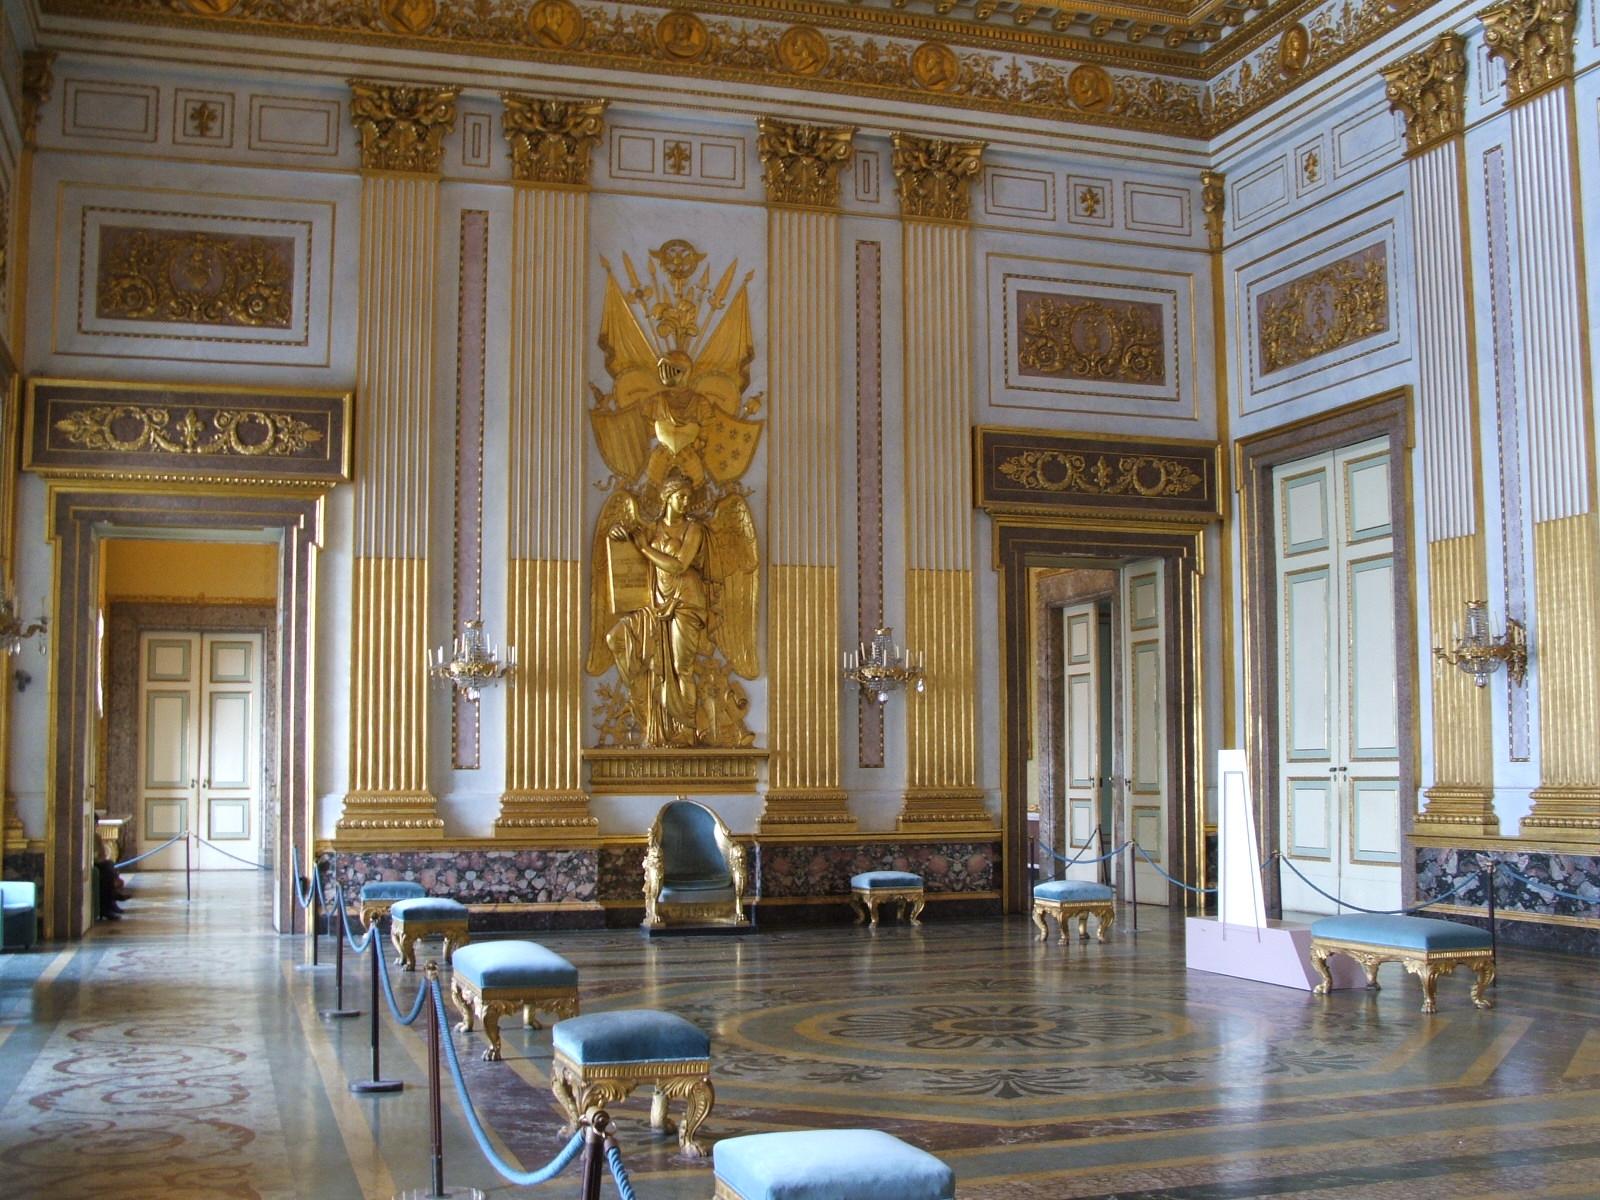 Sala De Estar Wikipedia ~ Sala del trono  Wikipedia